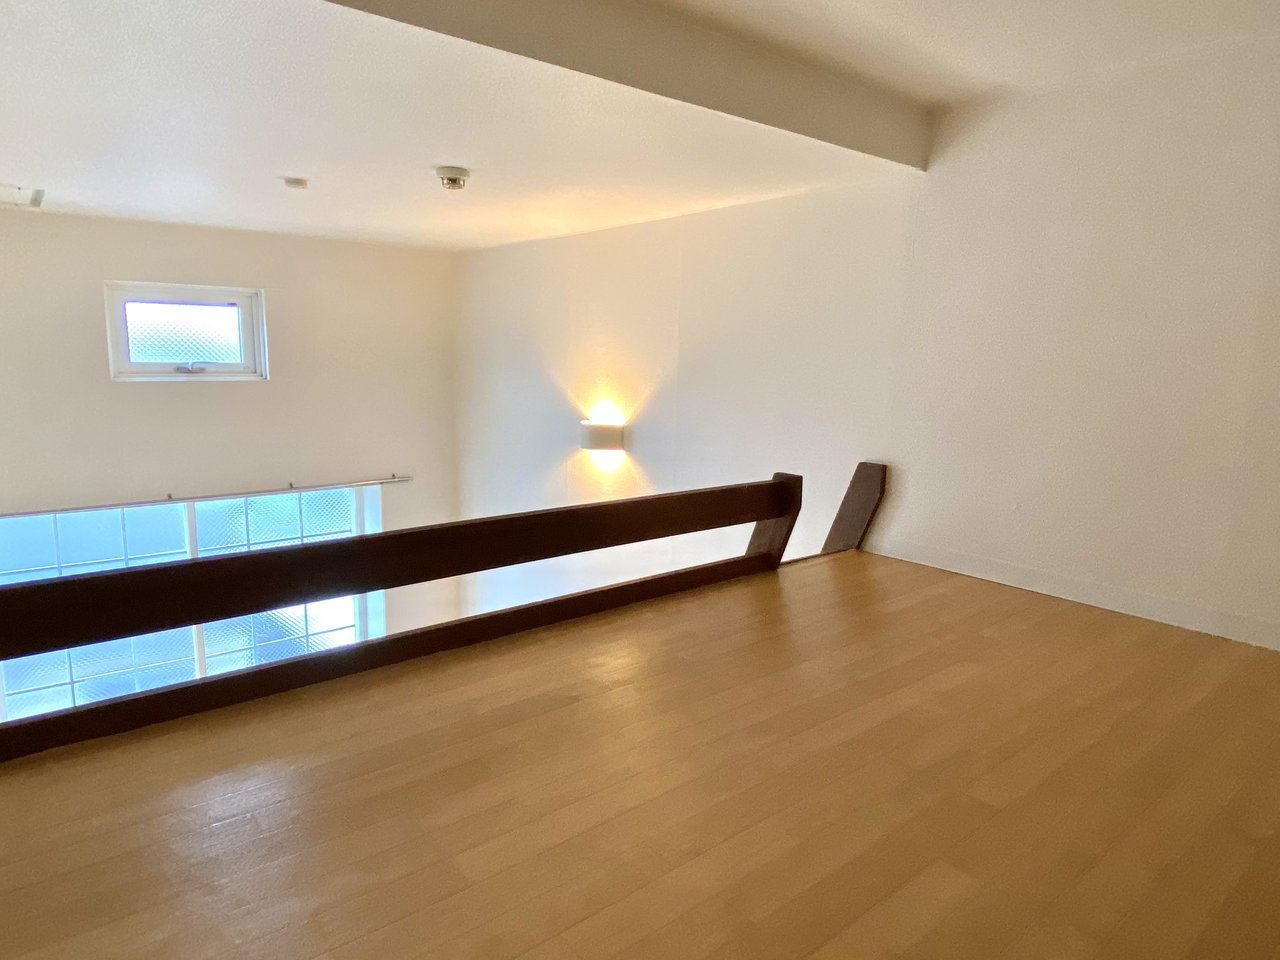 ロフトもゆったりとした広さがありますね。天井近くの間接照明がお部屋を優しく照らしてくれます。